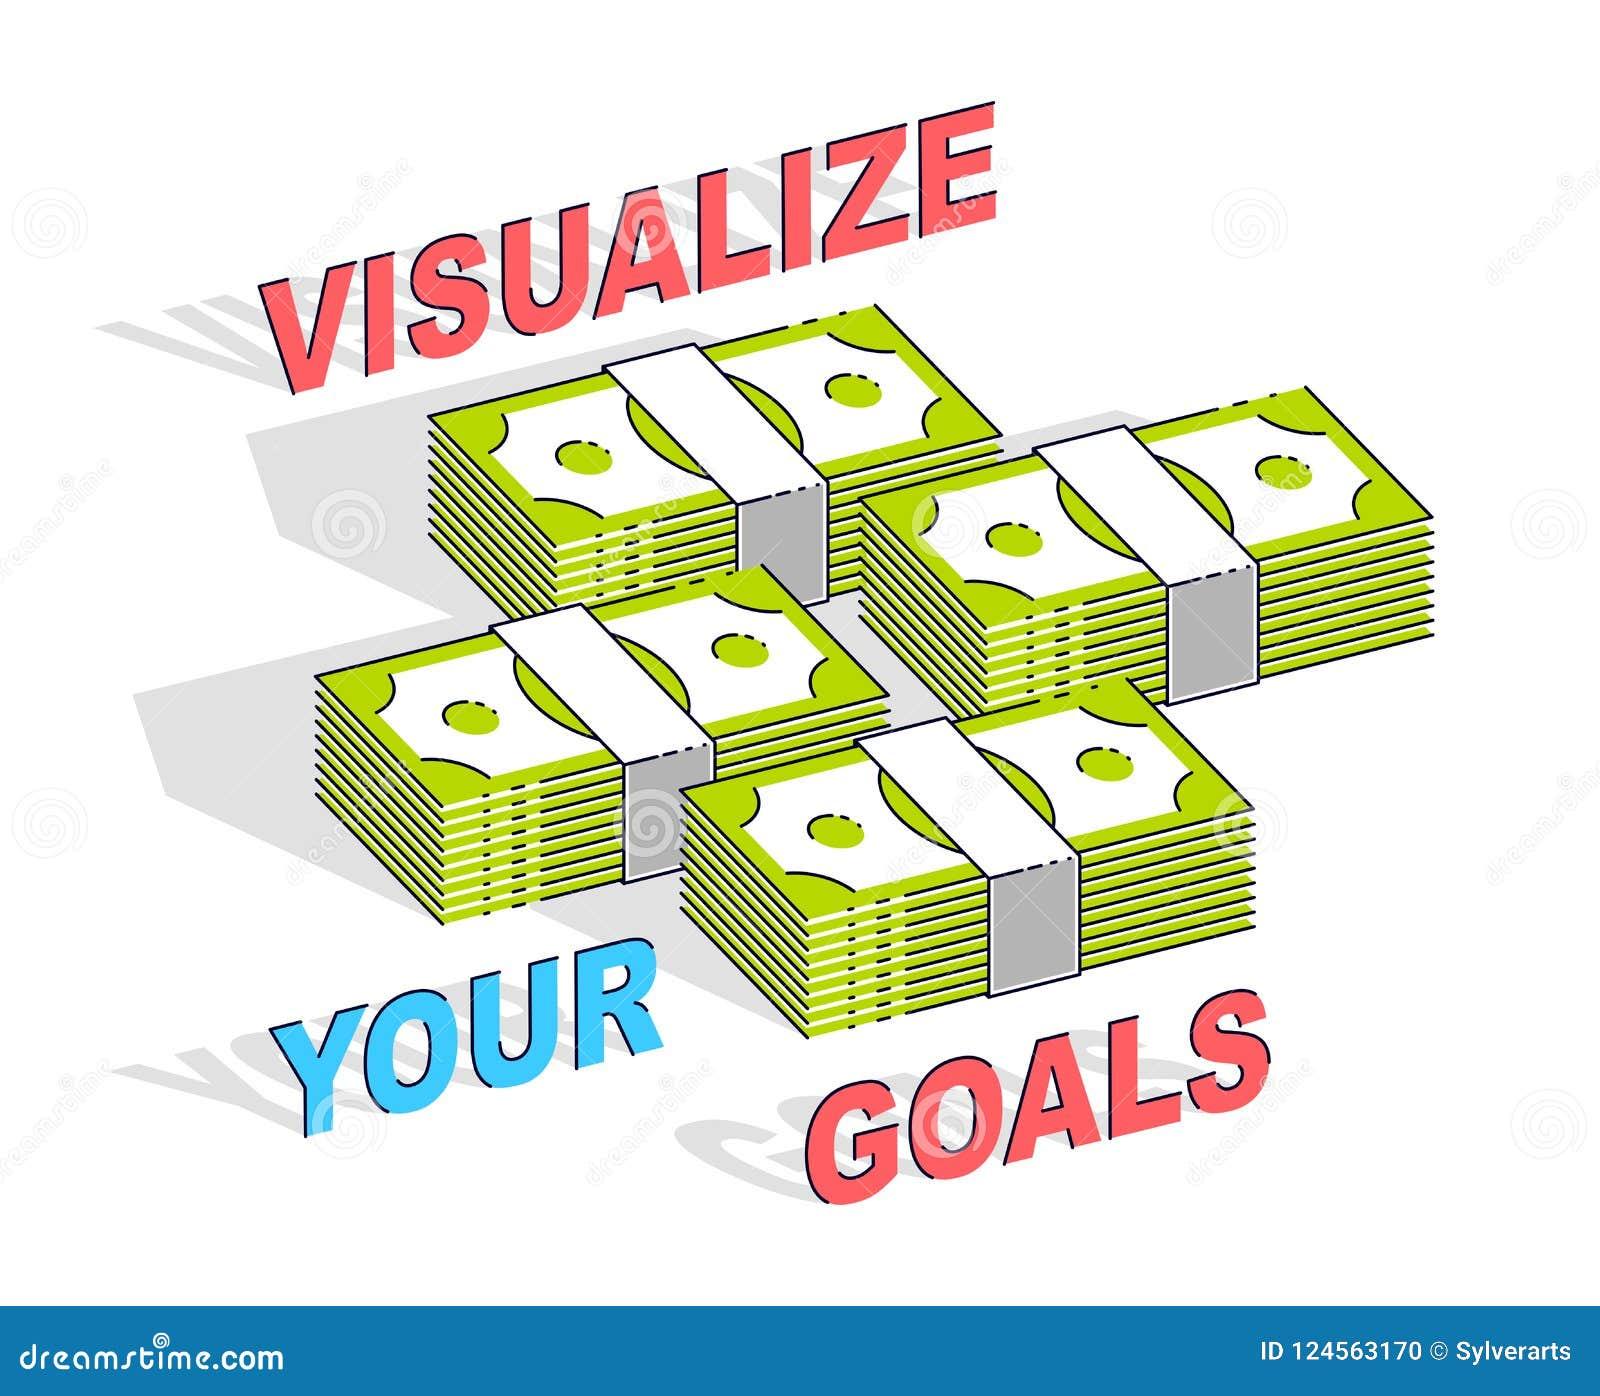 Απεικονίστε την αφίσα επιχειρησιακού κινήτρου στόχων ή το έμβλημά σας, μετρητά